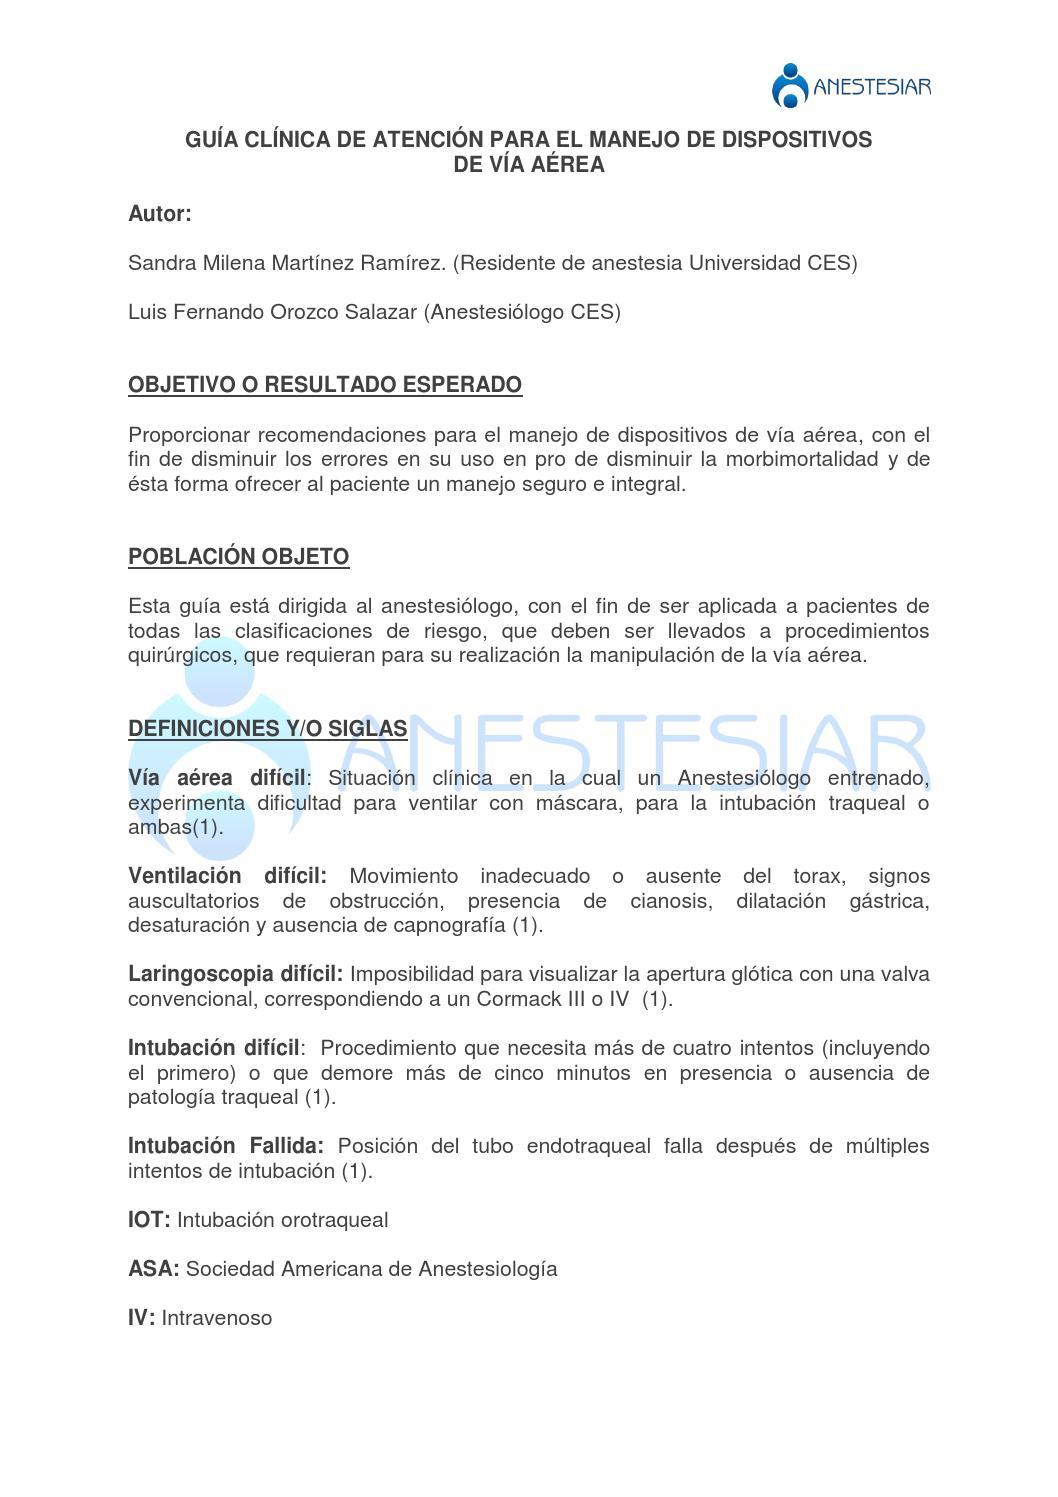 Guia para manejo de dispositivos de va by FEDSalud Federación ...